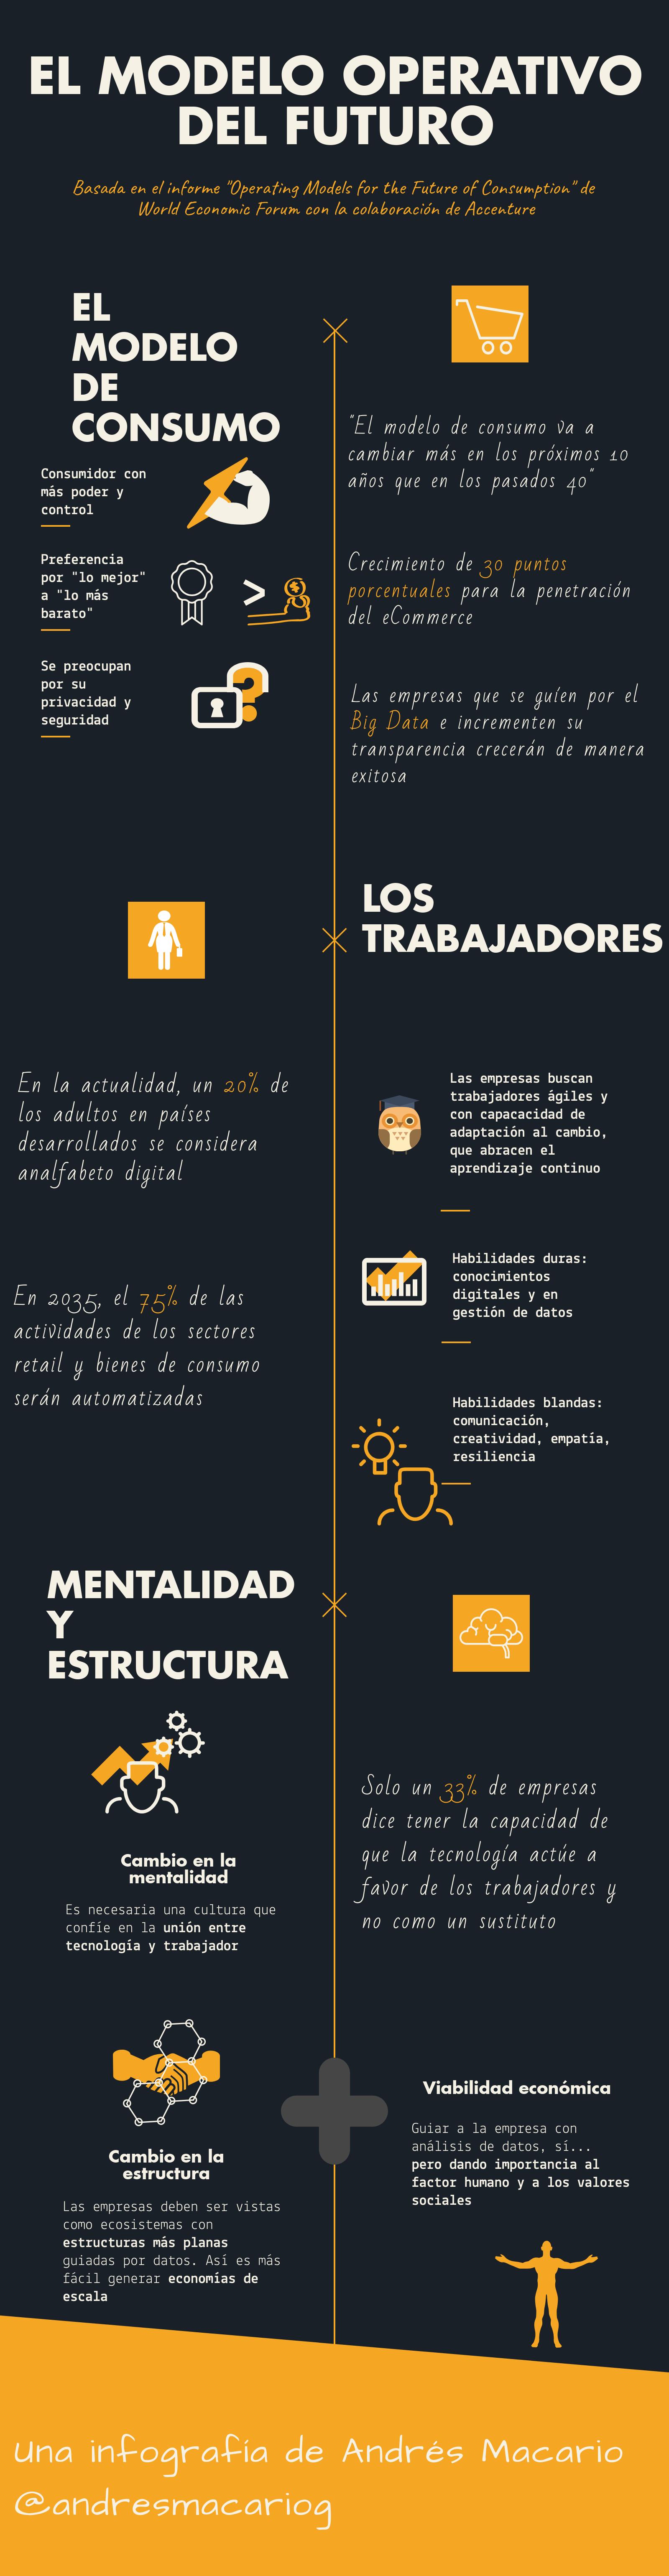 El modelo operativo del futuro - infografía Andrés Macario